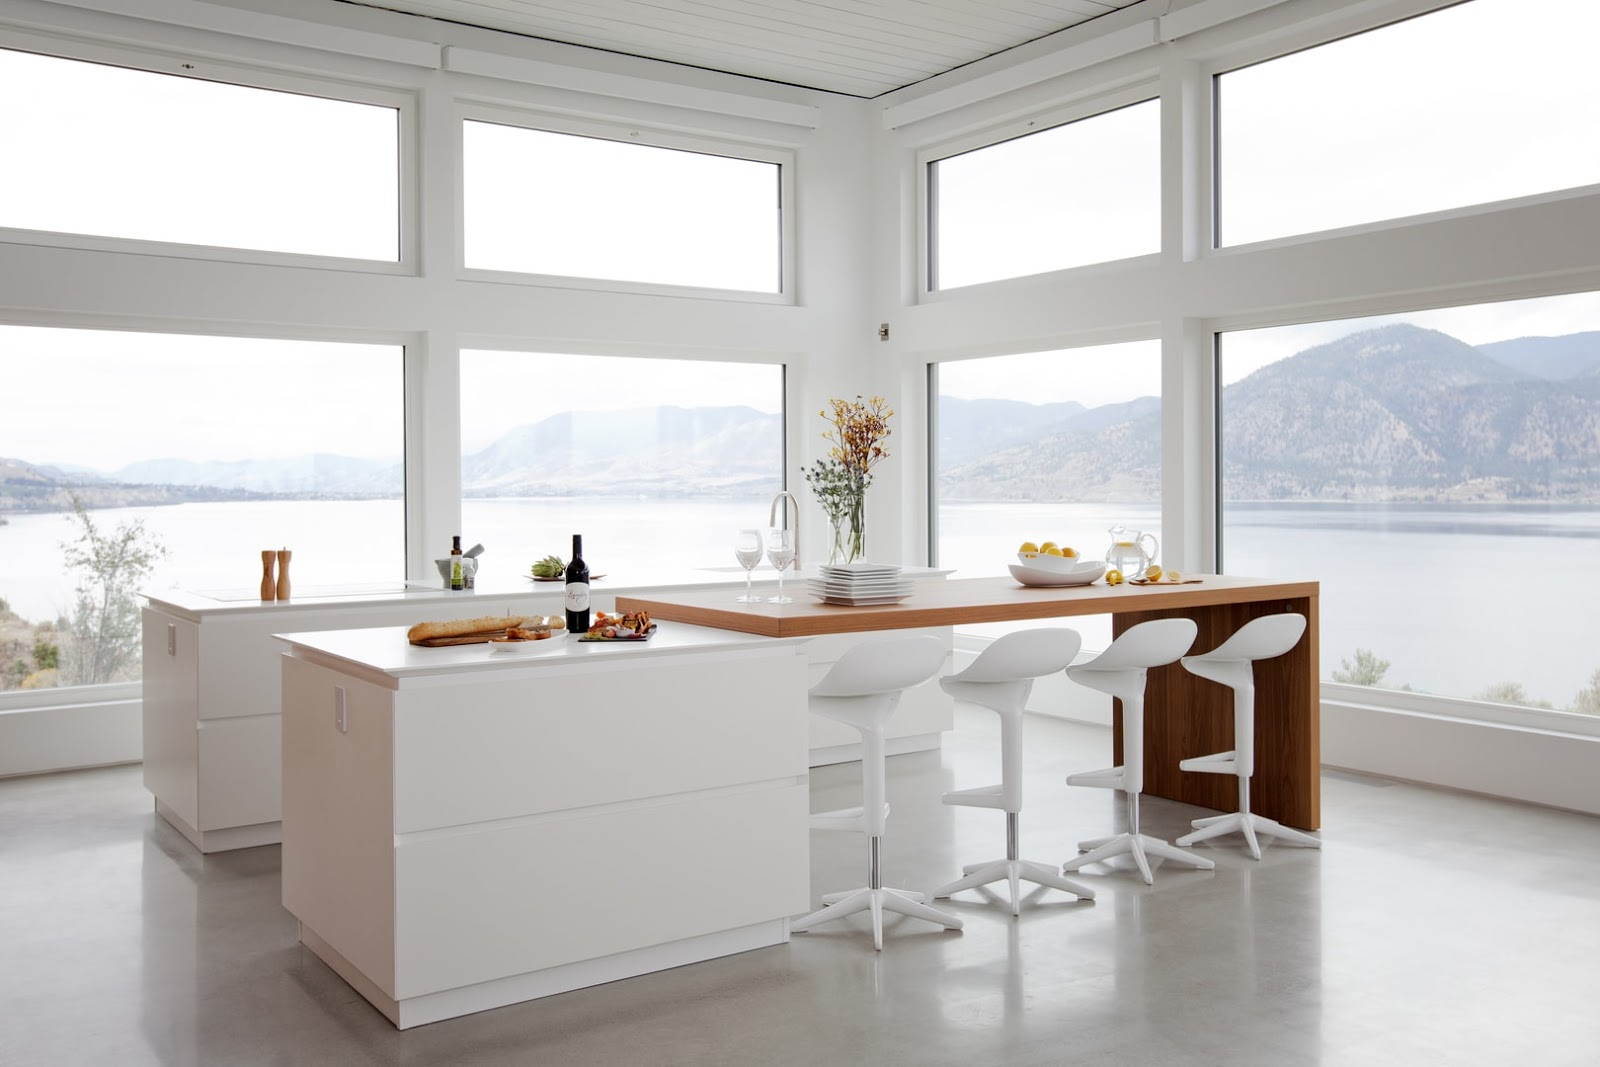 Dise ada tambi n para aprovechar y disfrutar las vistas for Mesas de cocina blancas y madera